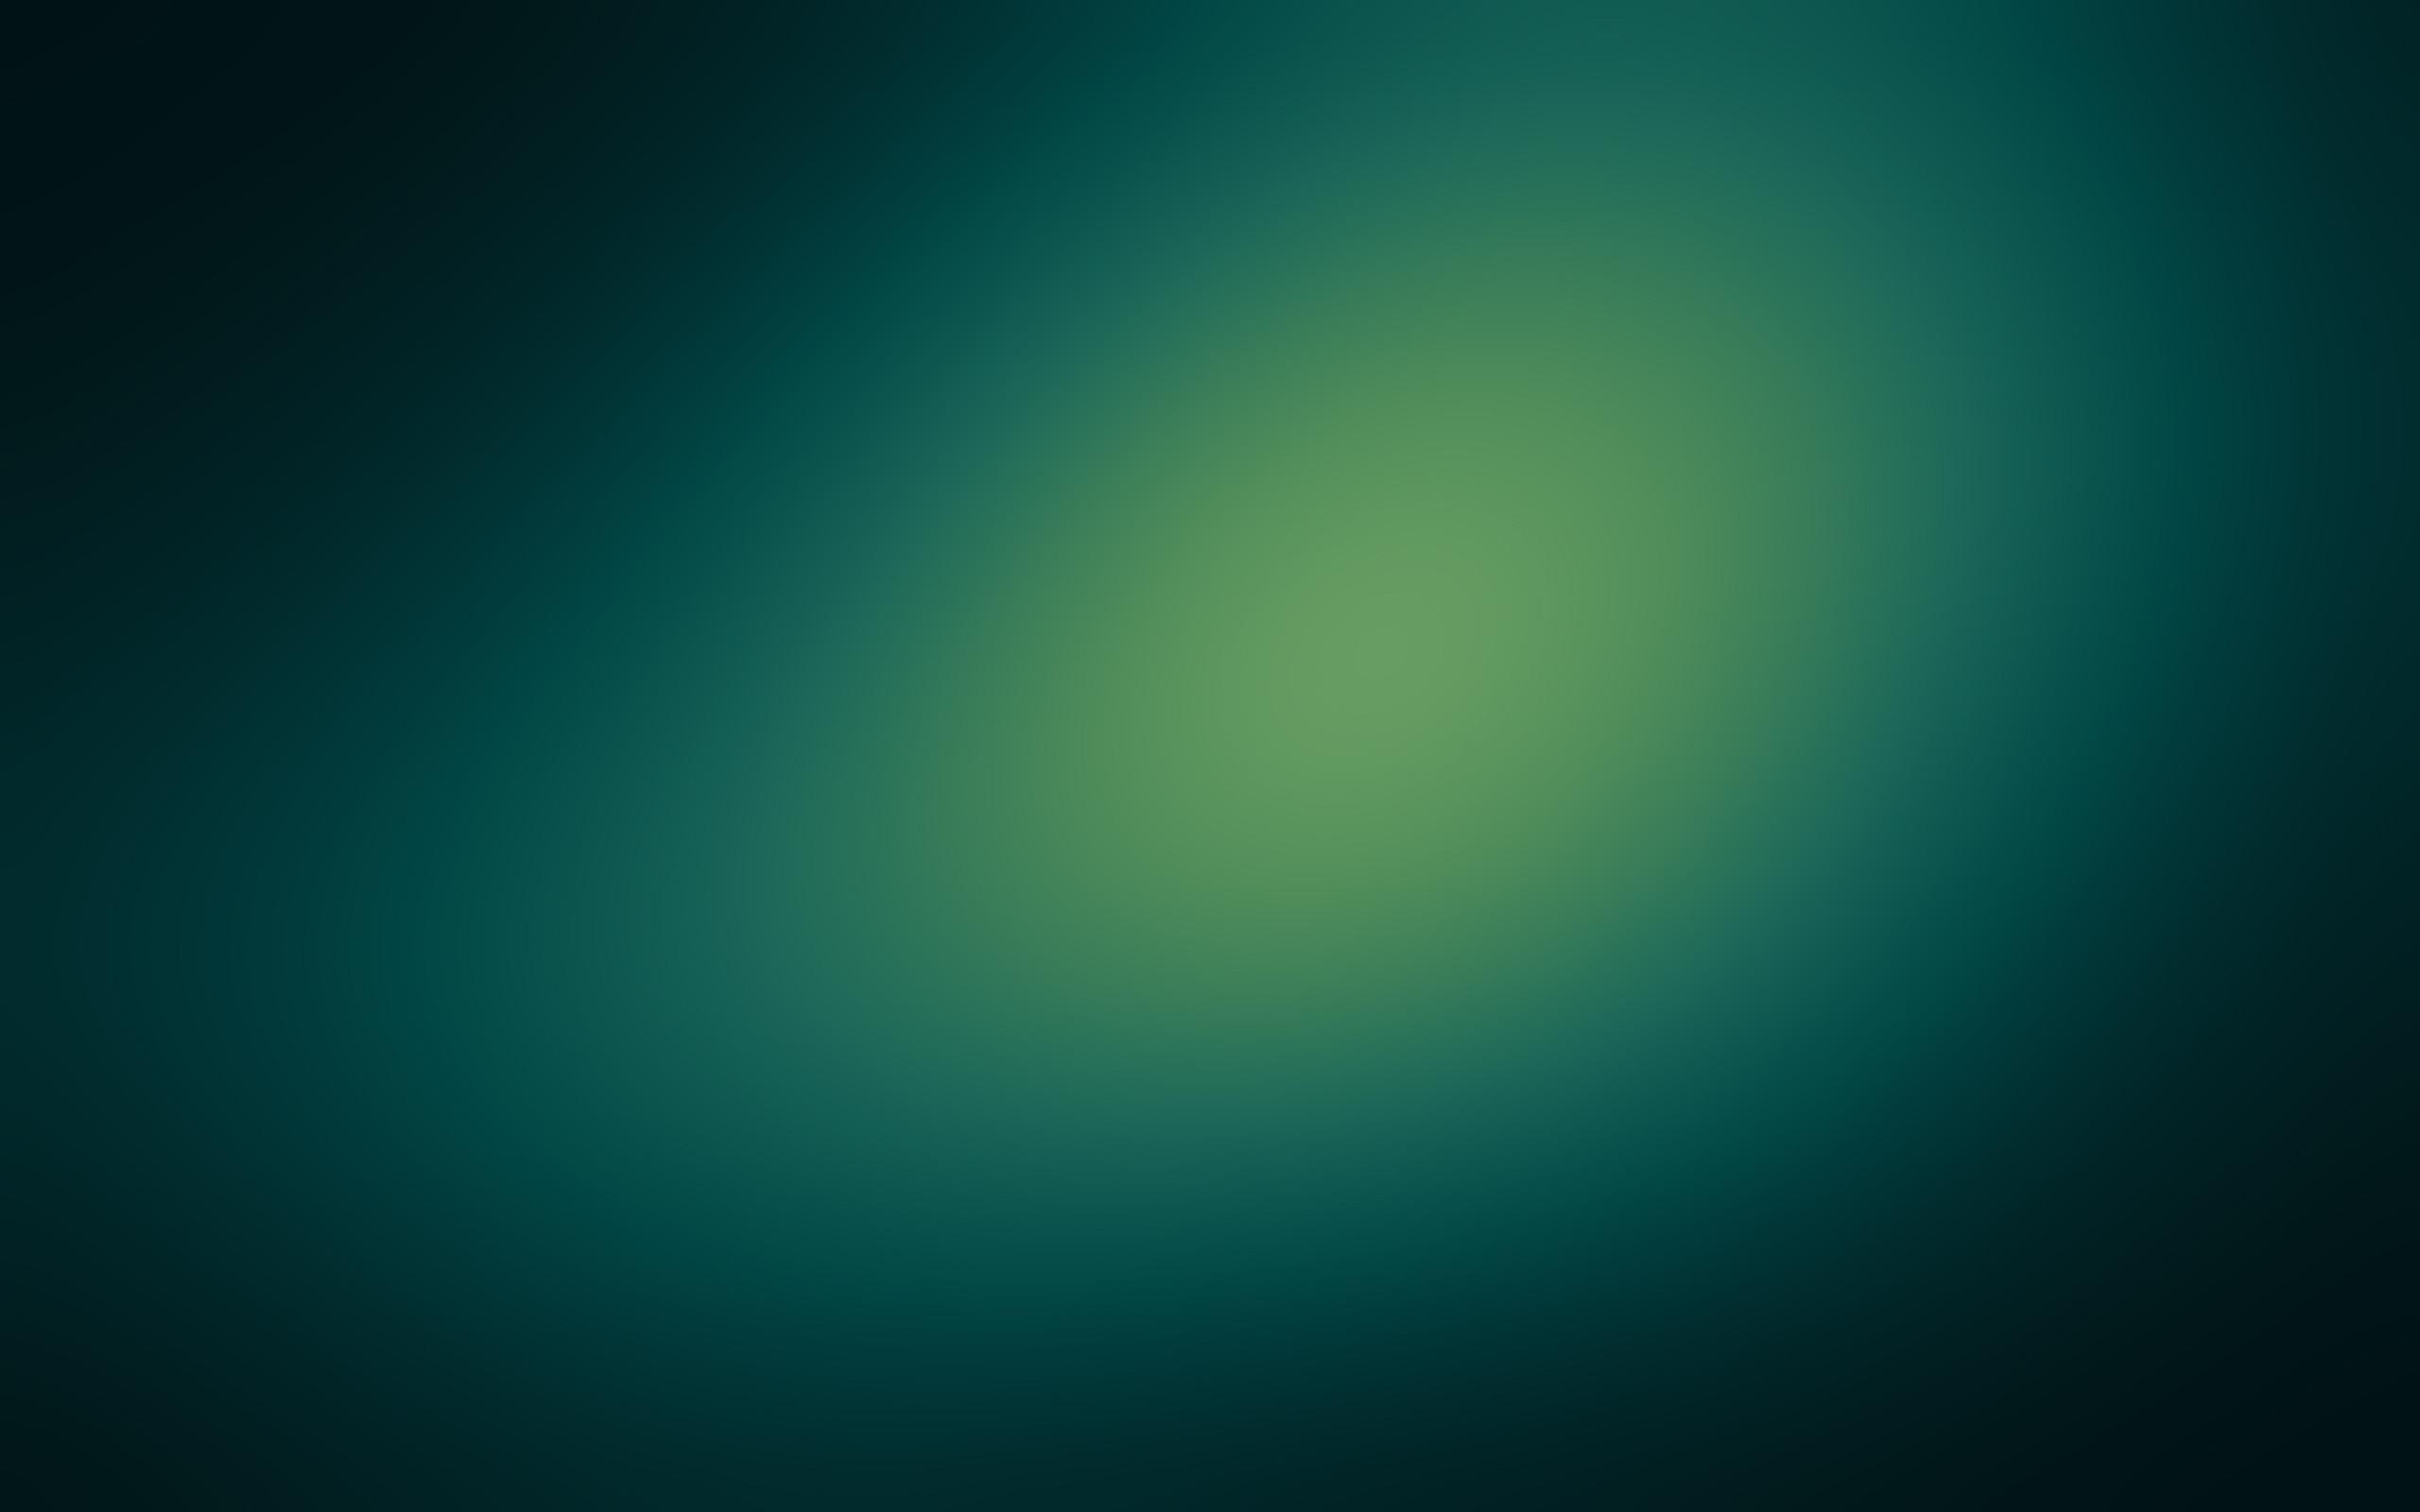 Dark Green Background wallpaper – 1058379